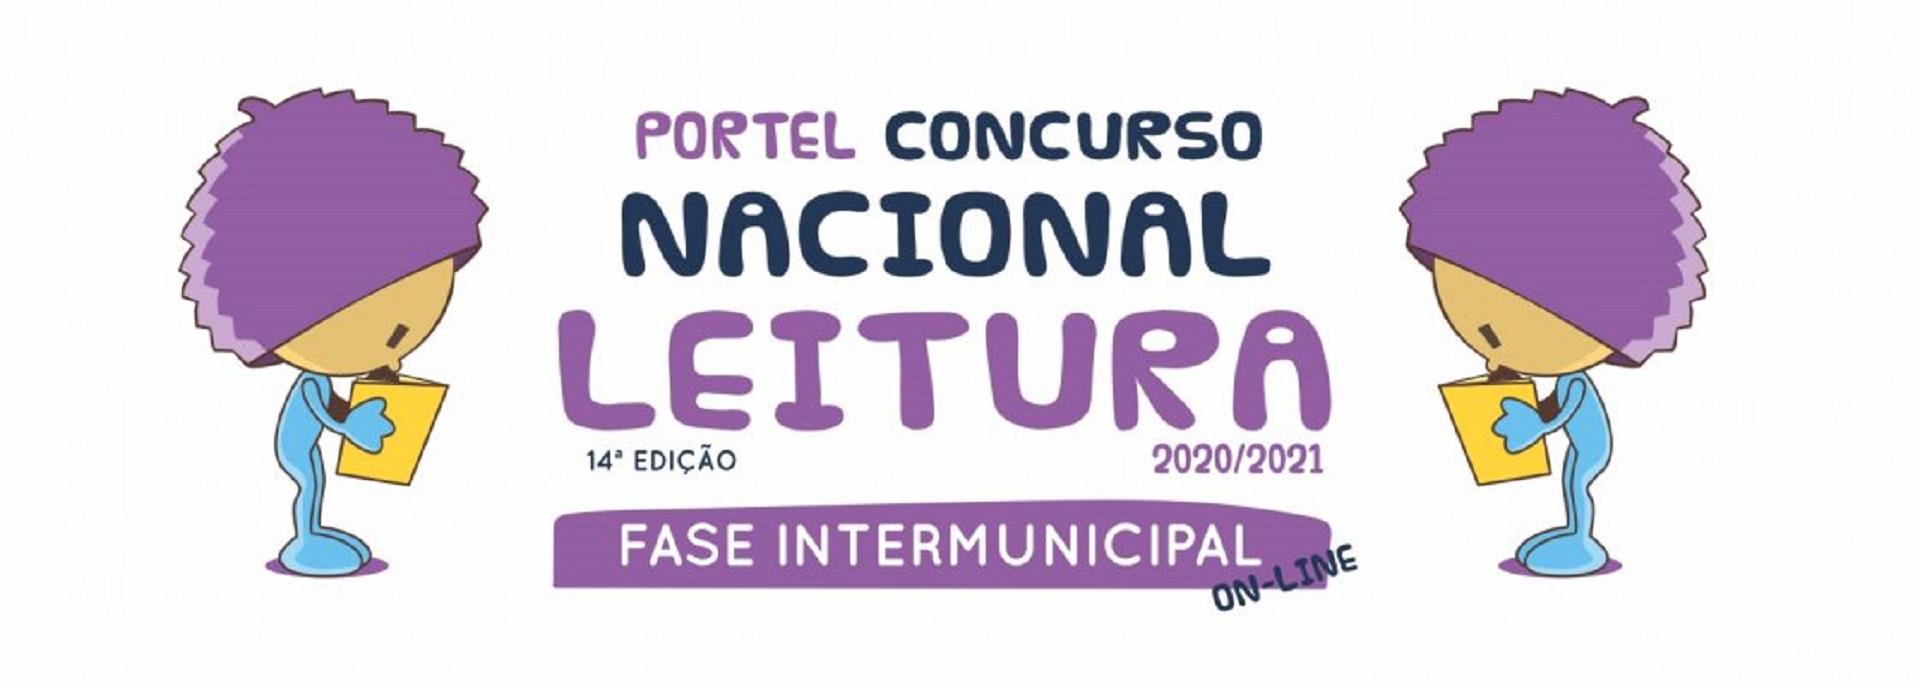 14.ª Edição do Concurso Nacional de Leitura 2020/2021 - Fase Intermunicipal